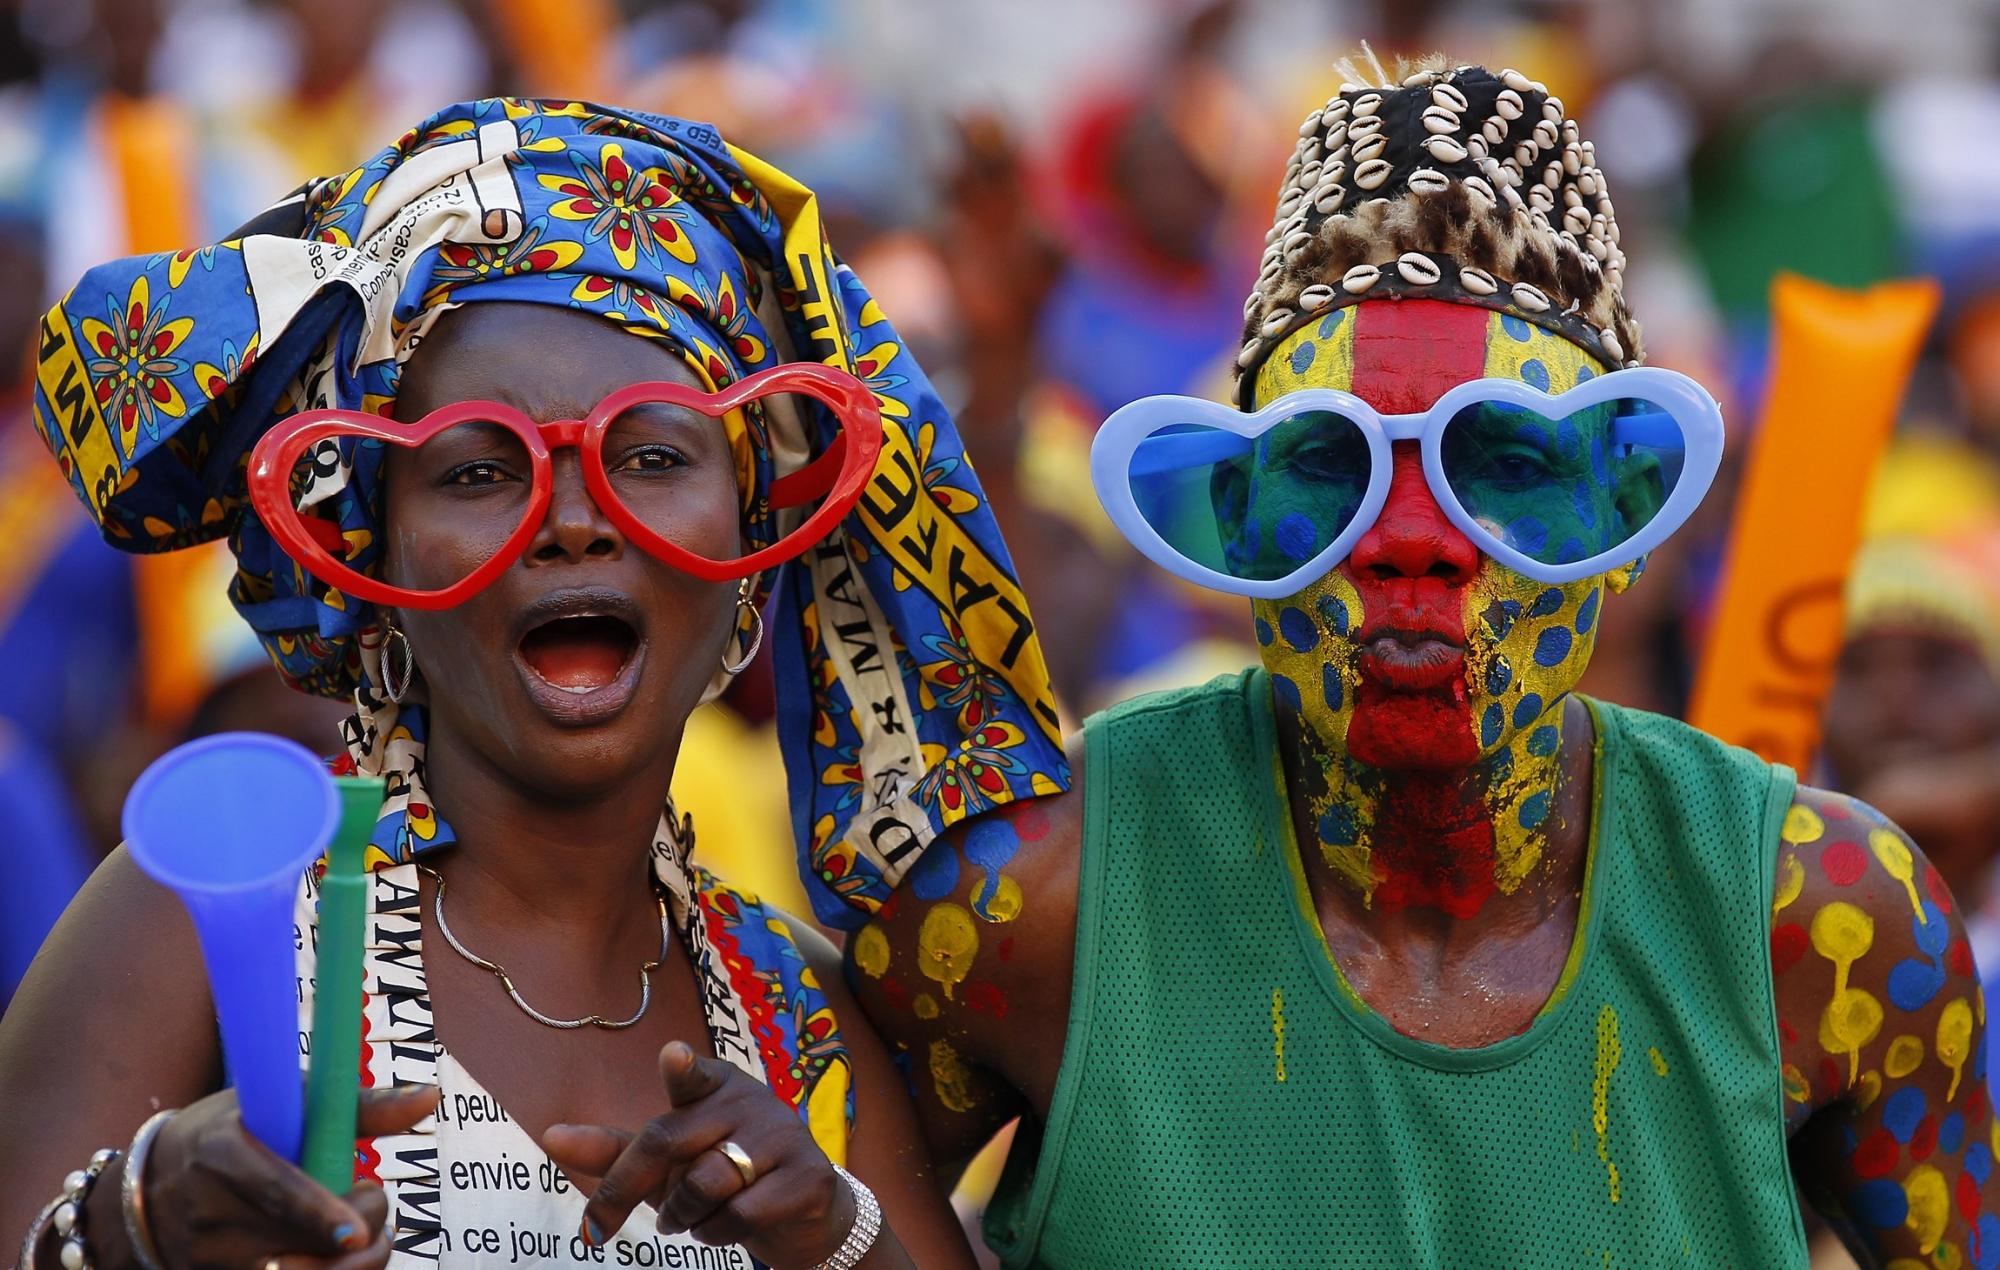 самые фото прикольных африканцев кинельский амаранта